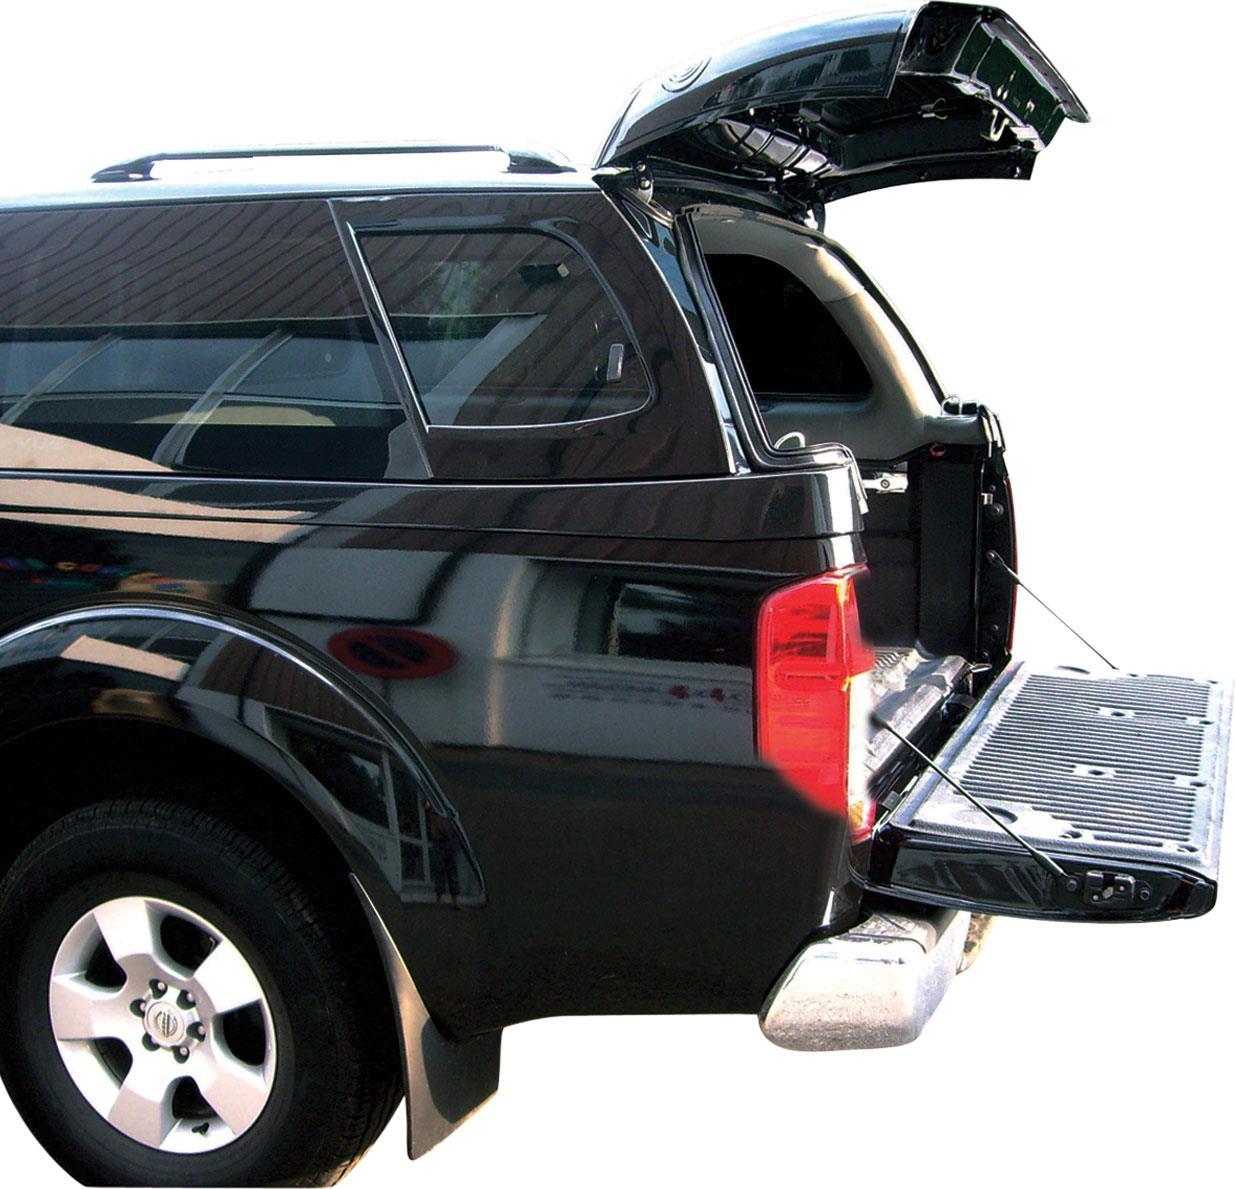 hsar298 hard top acier ford ranger 2012 double cab blanc 7vta ford ranger. Black Bedroom Furniture Sets. Home Design Ideas